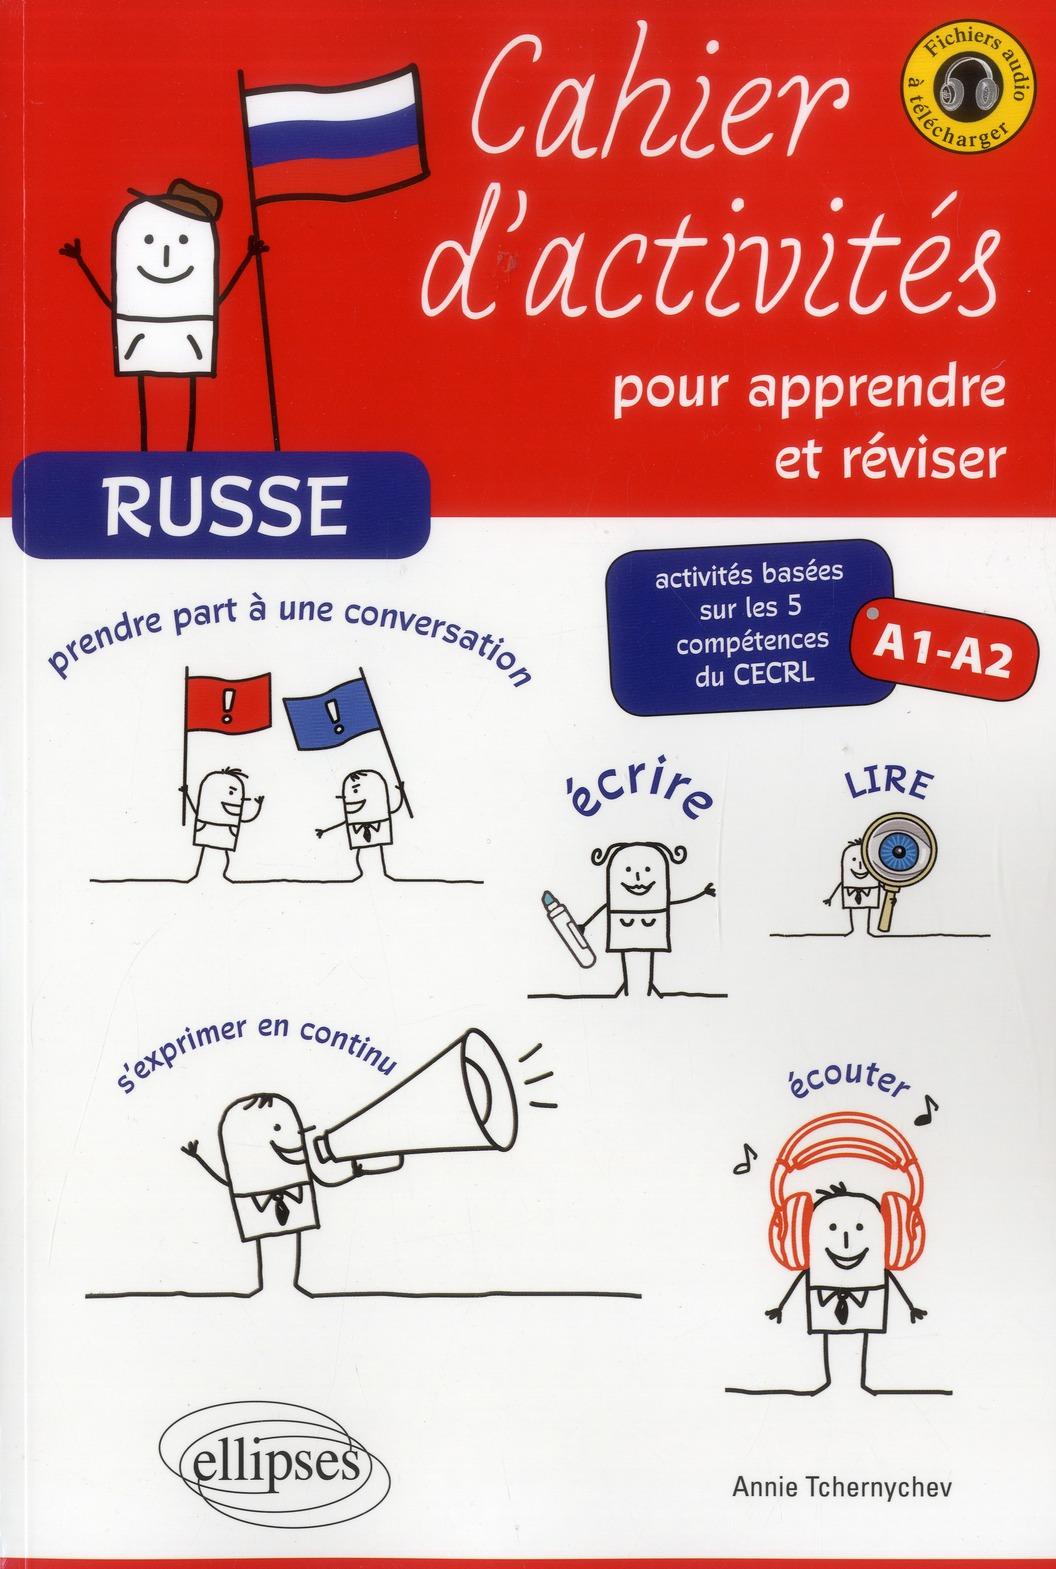 Russe. cahier d'activites pour apprendre et reviser le russe.  activites basees sur les 5 competence